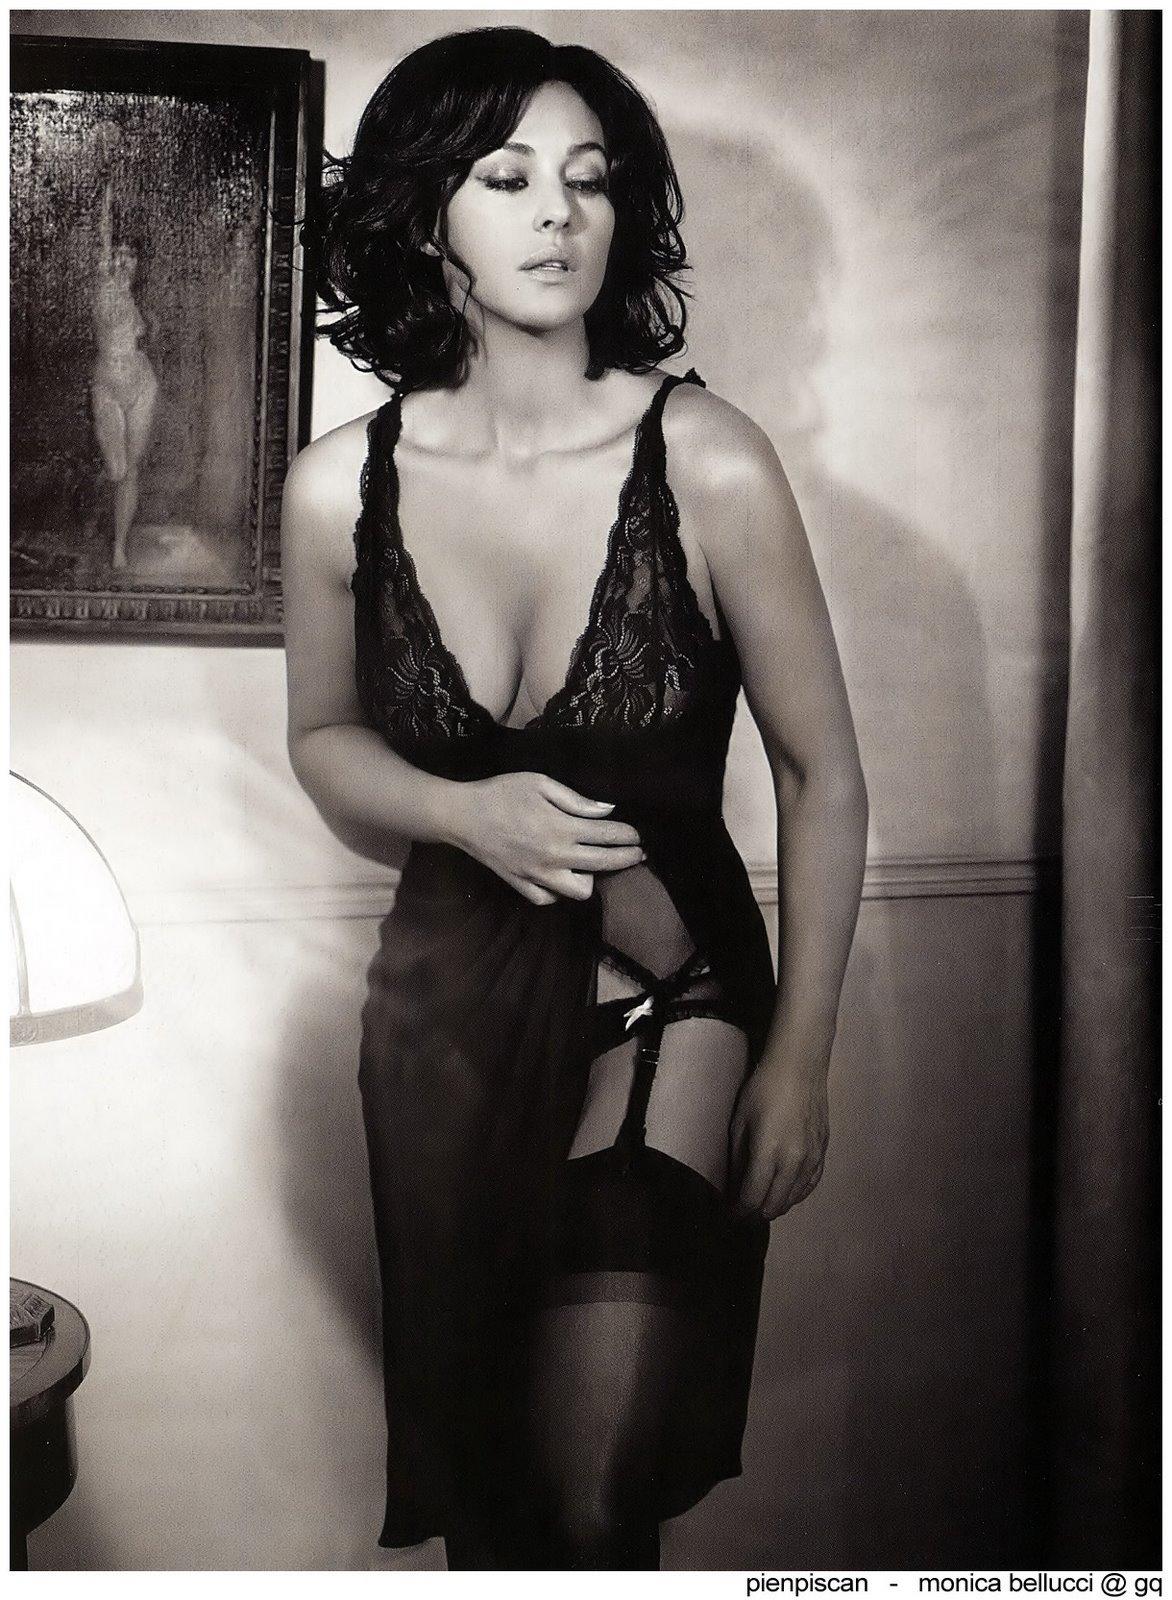 http://3.bp.blogspot.com/_twR2Ry4A4GI/STCL8SmnhLI/AAAAAAAADlI/38P0Z1m0Sc4/s1600/Monica-belluci-01.jpg